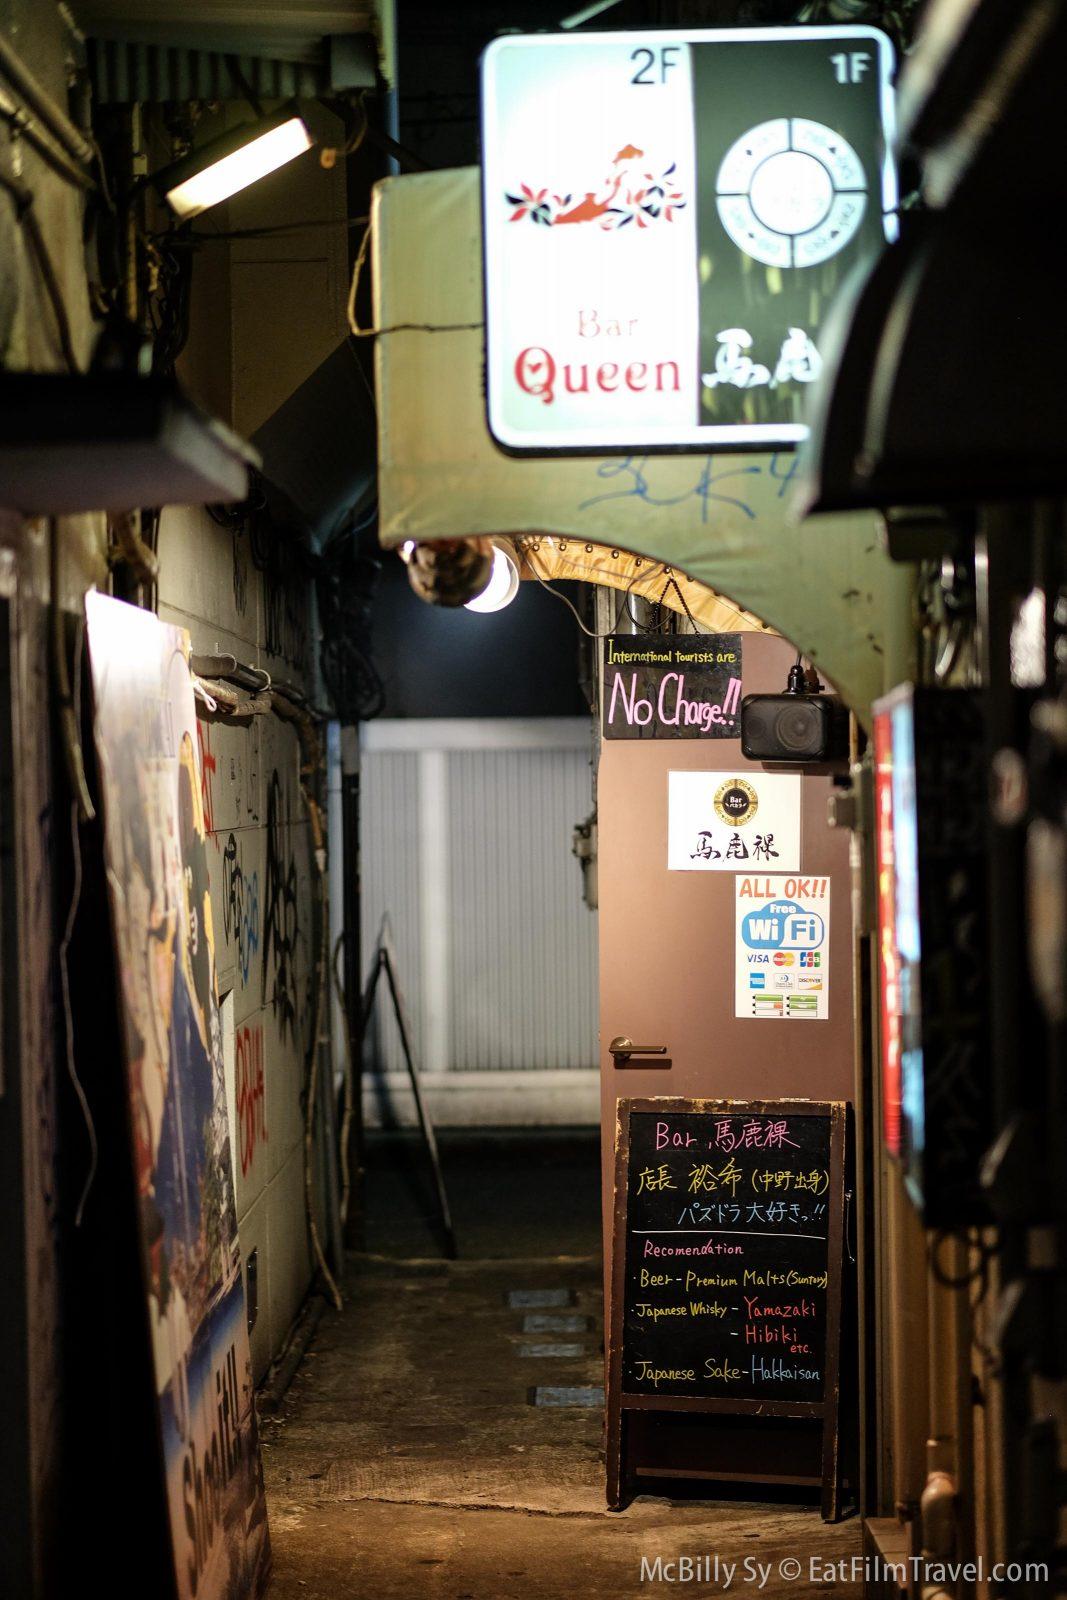 Golden Gai Shinjuku in Tokyo Japan